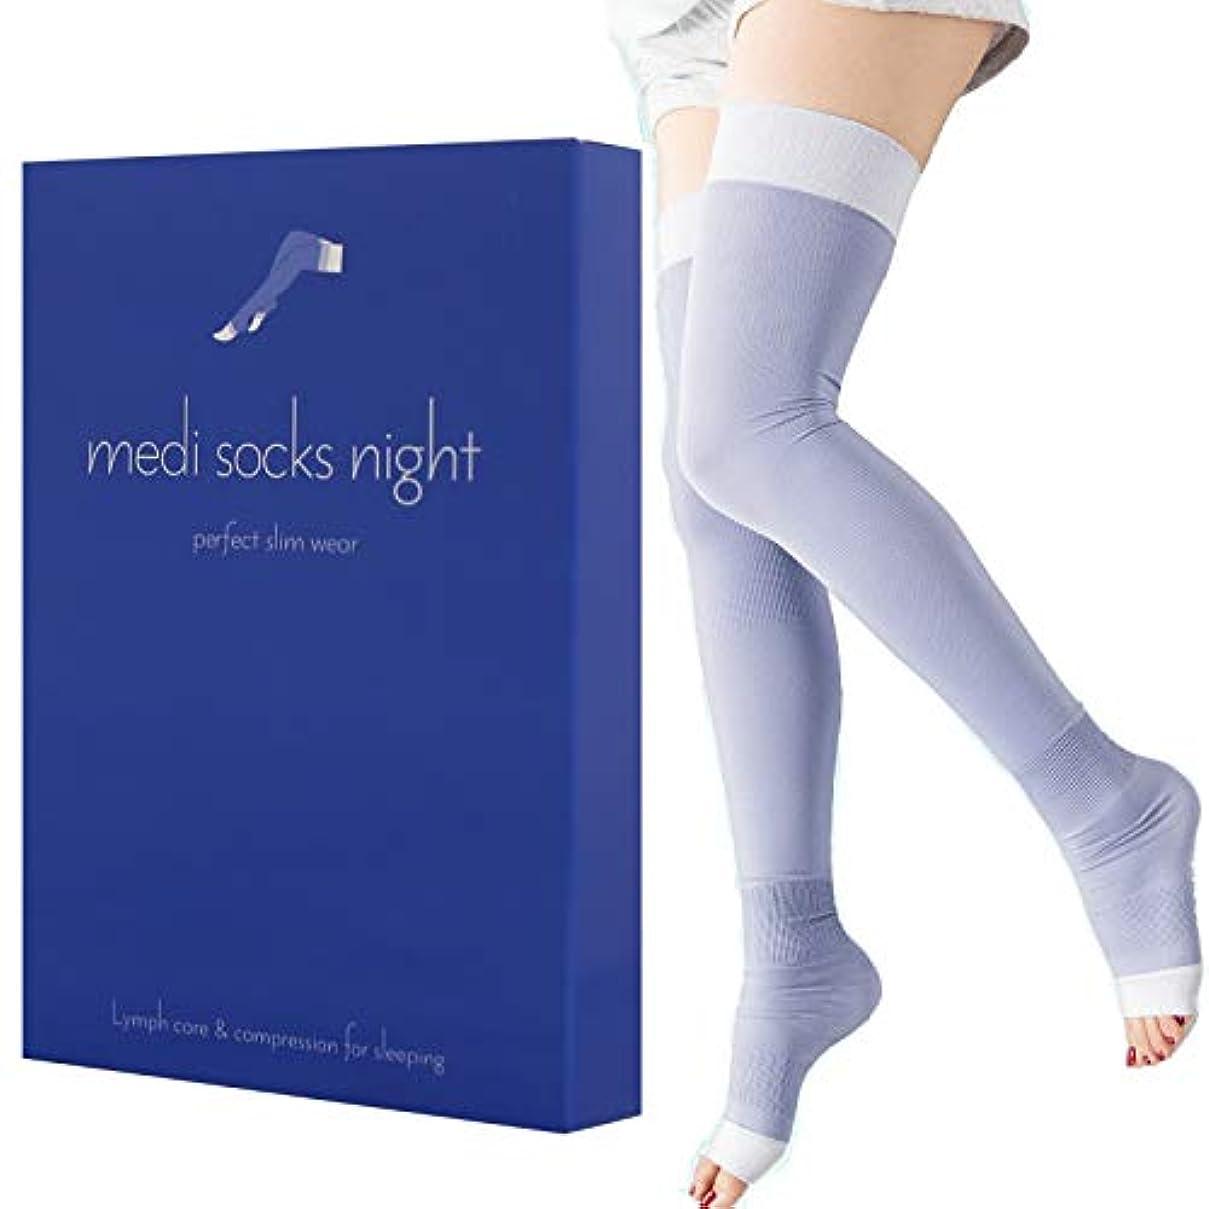 メール密度休憩するメディソックスナイト ~medi socks night~ Mサイズ